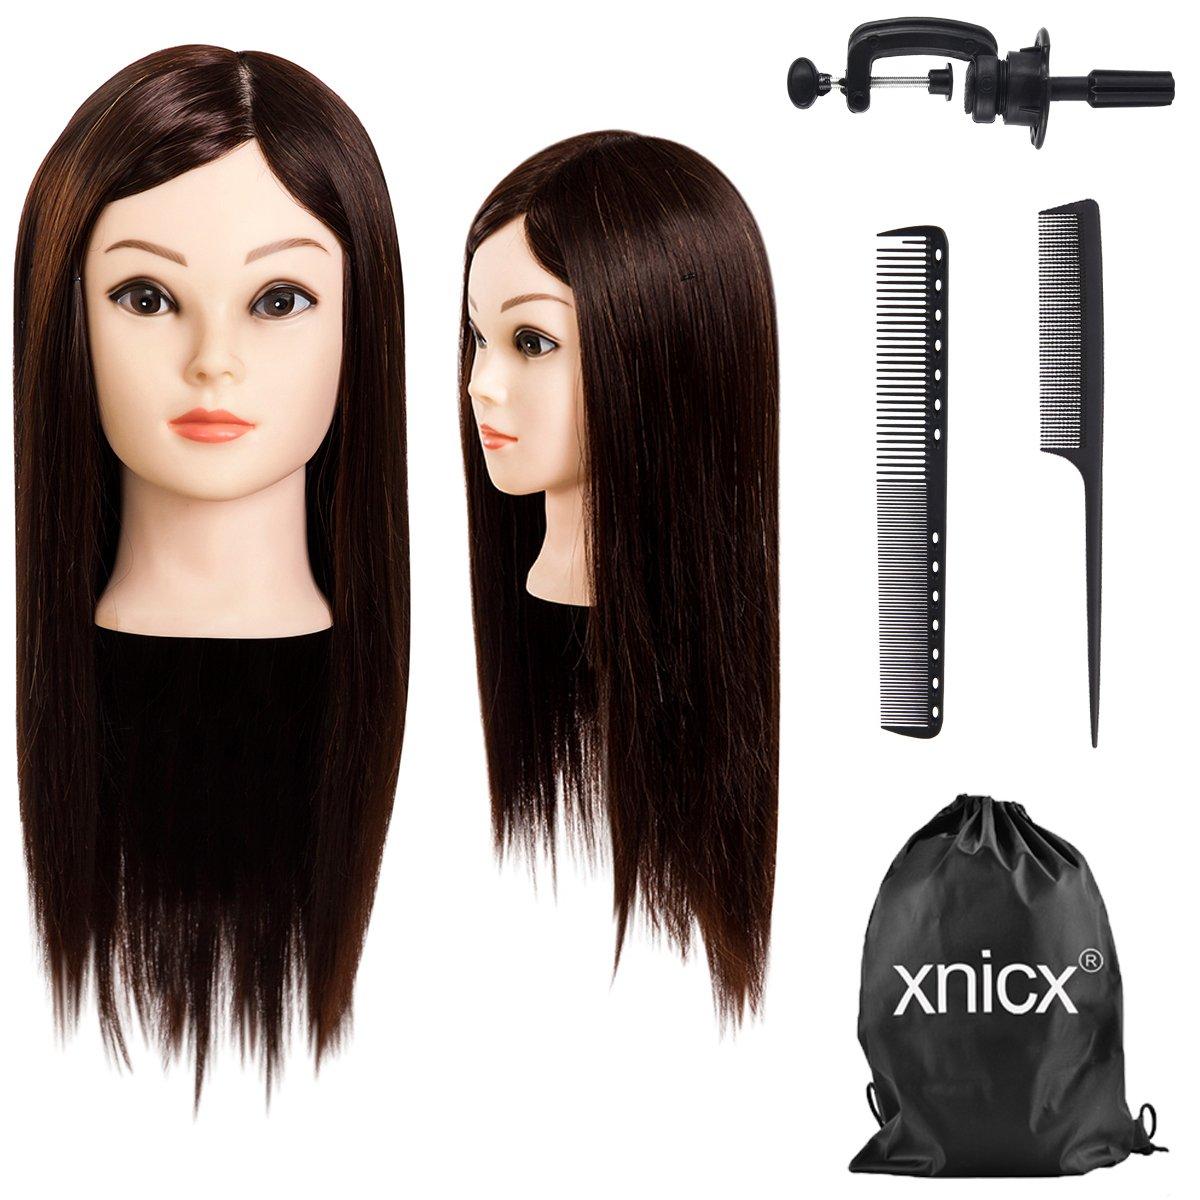 xnicx Treppiedi regolabile in acciaio INOX, Acconciatura Regolabile Treppiede per formazione parrucchieri con manichino, con borsa per il trasporto JJ